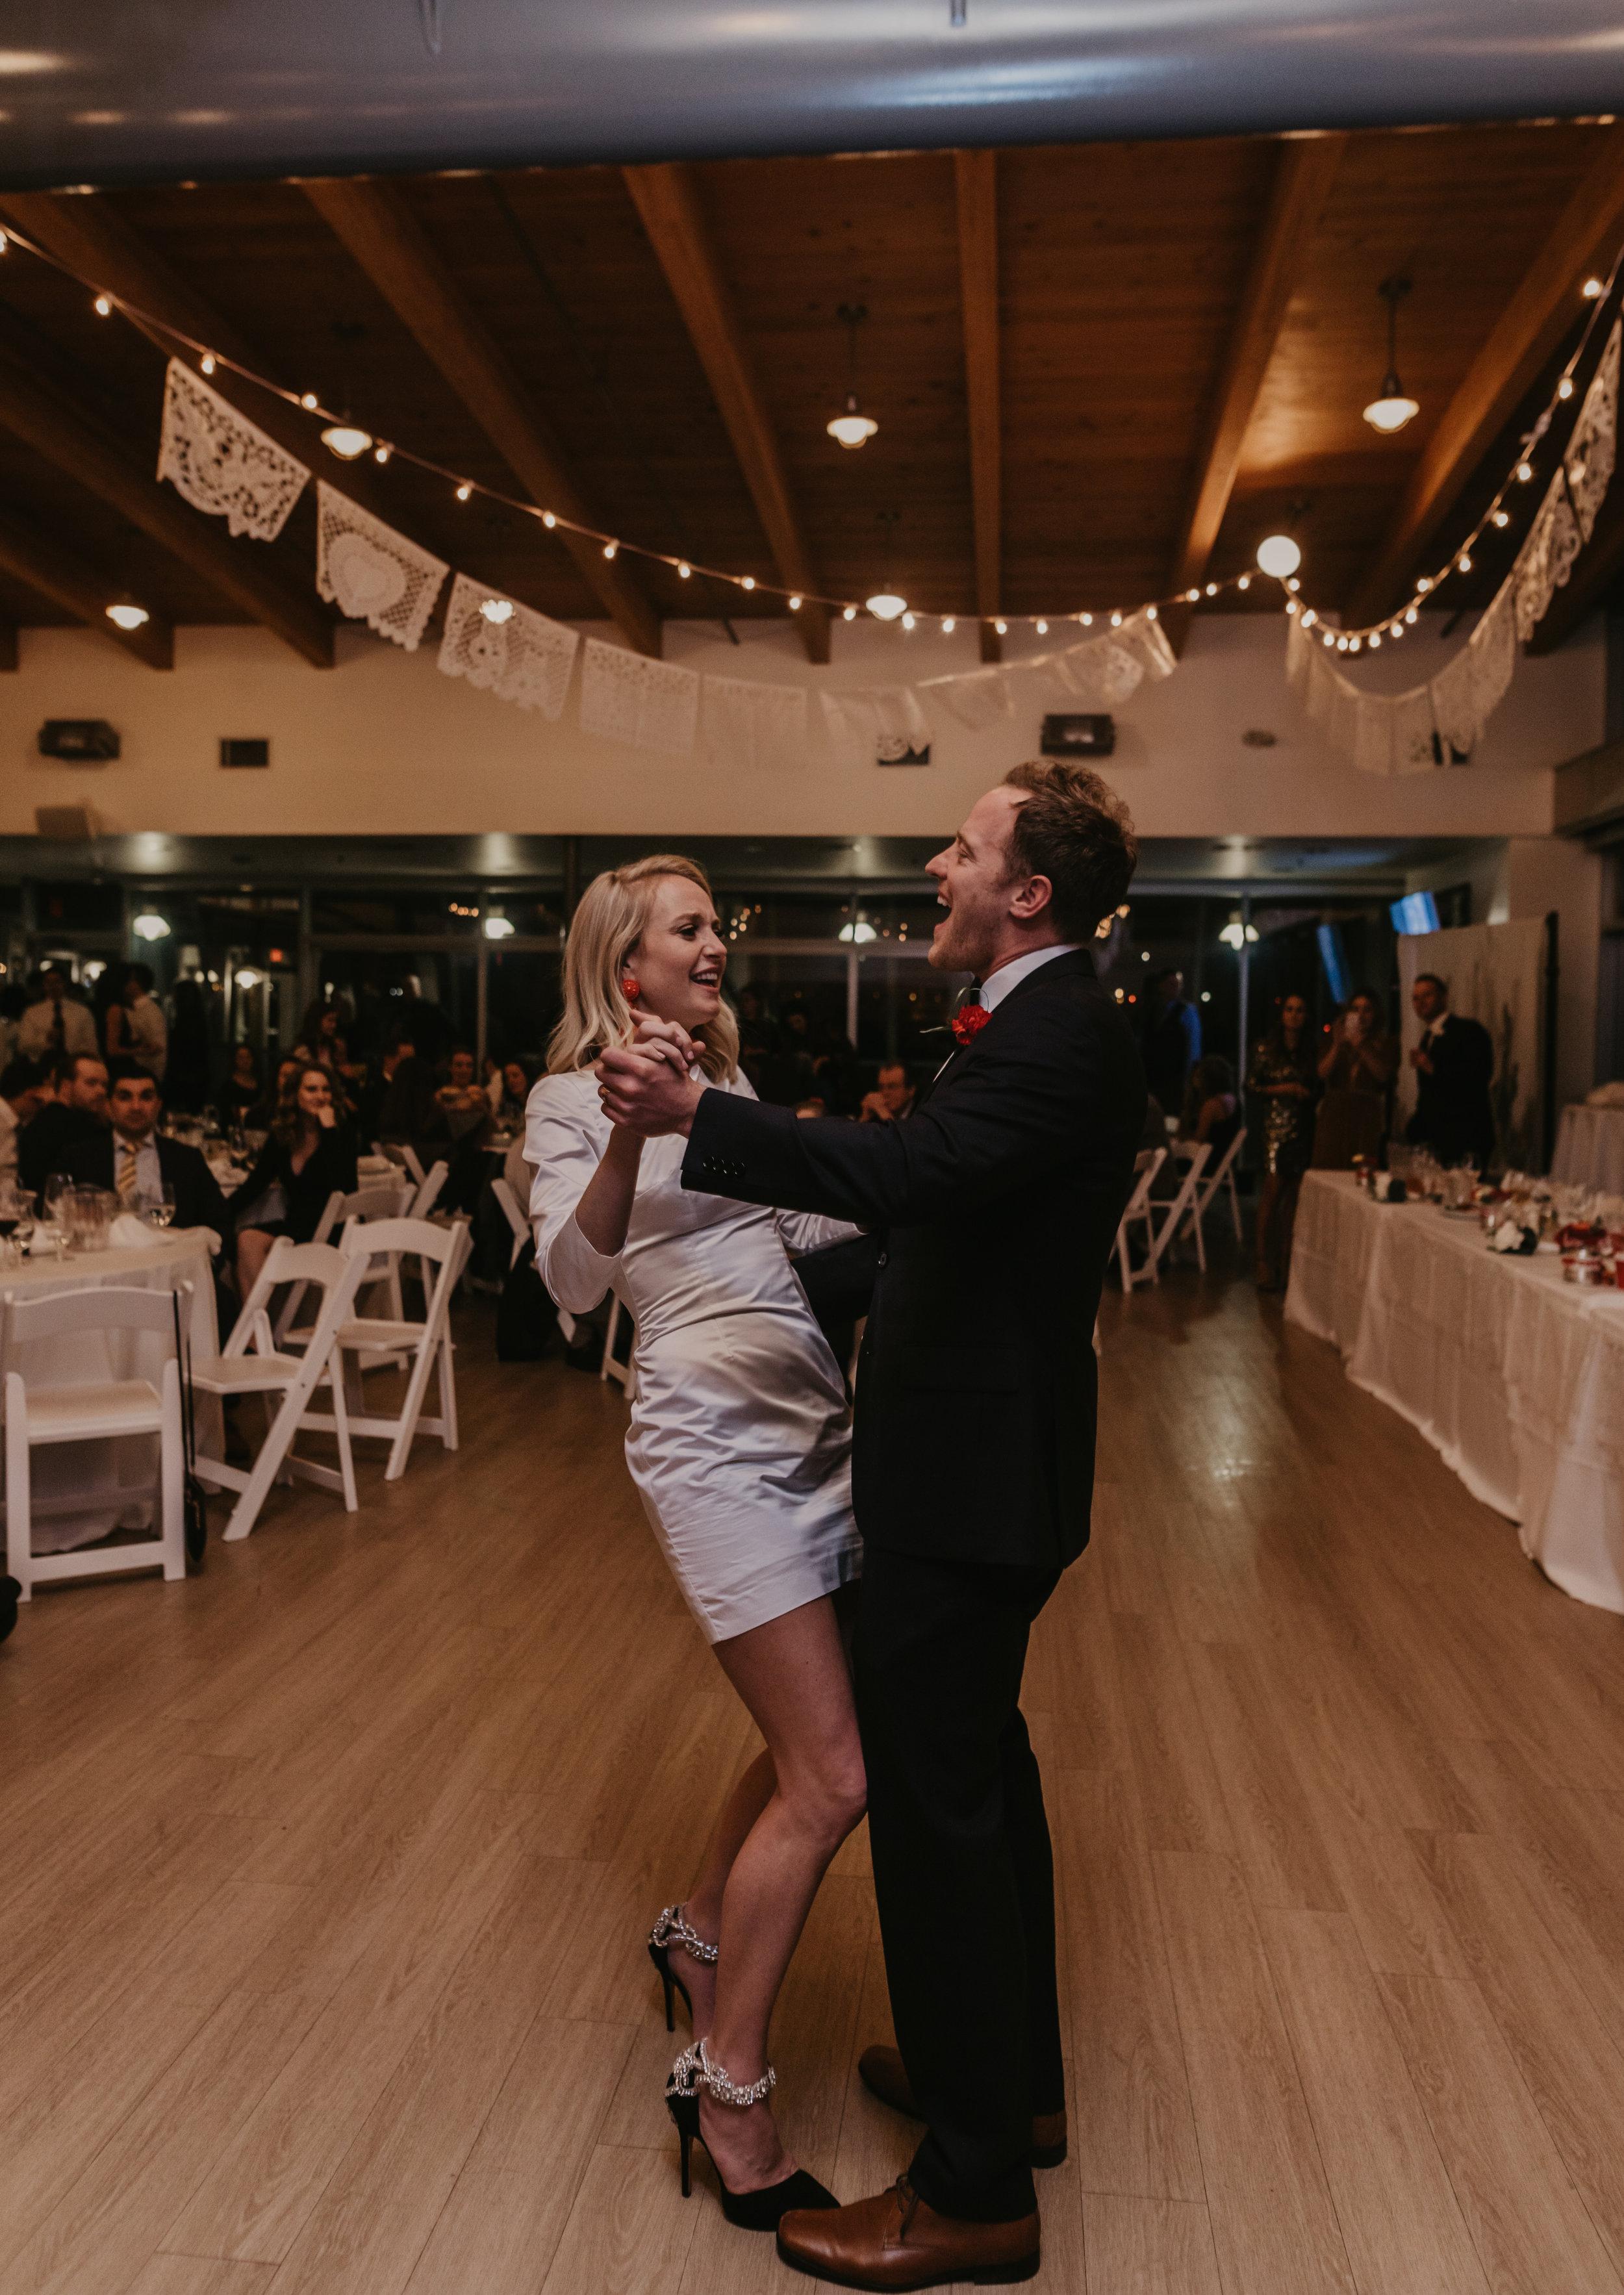 Vancouver New Years Eve Wedding - UBC Boathouse Wedding - Kitsilano Wedding Photos - Vancouver Wedding Photographer - Vancouver Wedding Videographer - 870.JPG